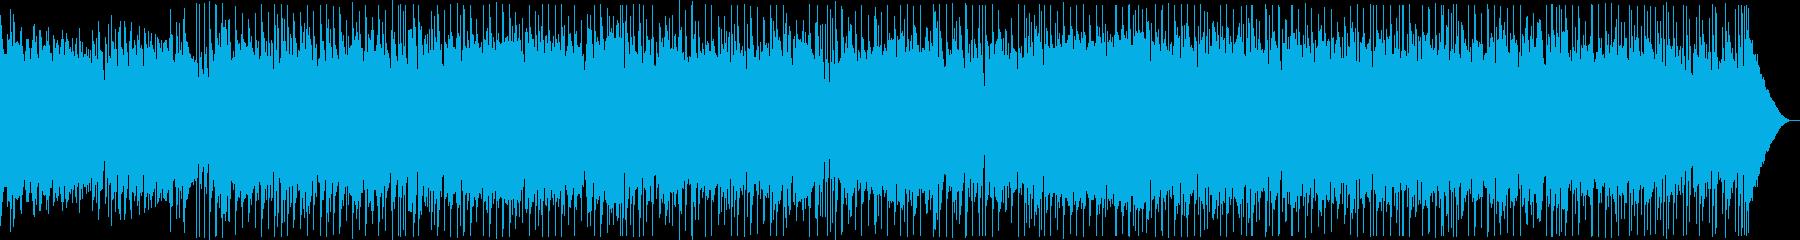 クリーンギターとピアノバラードの再生済みの波形